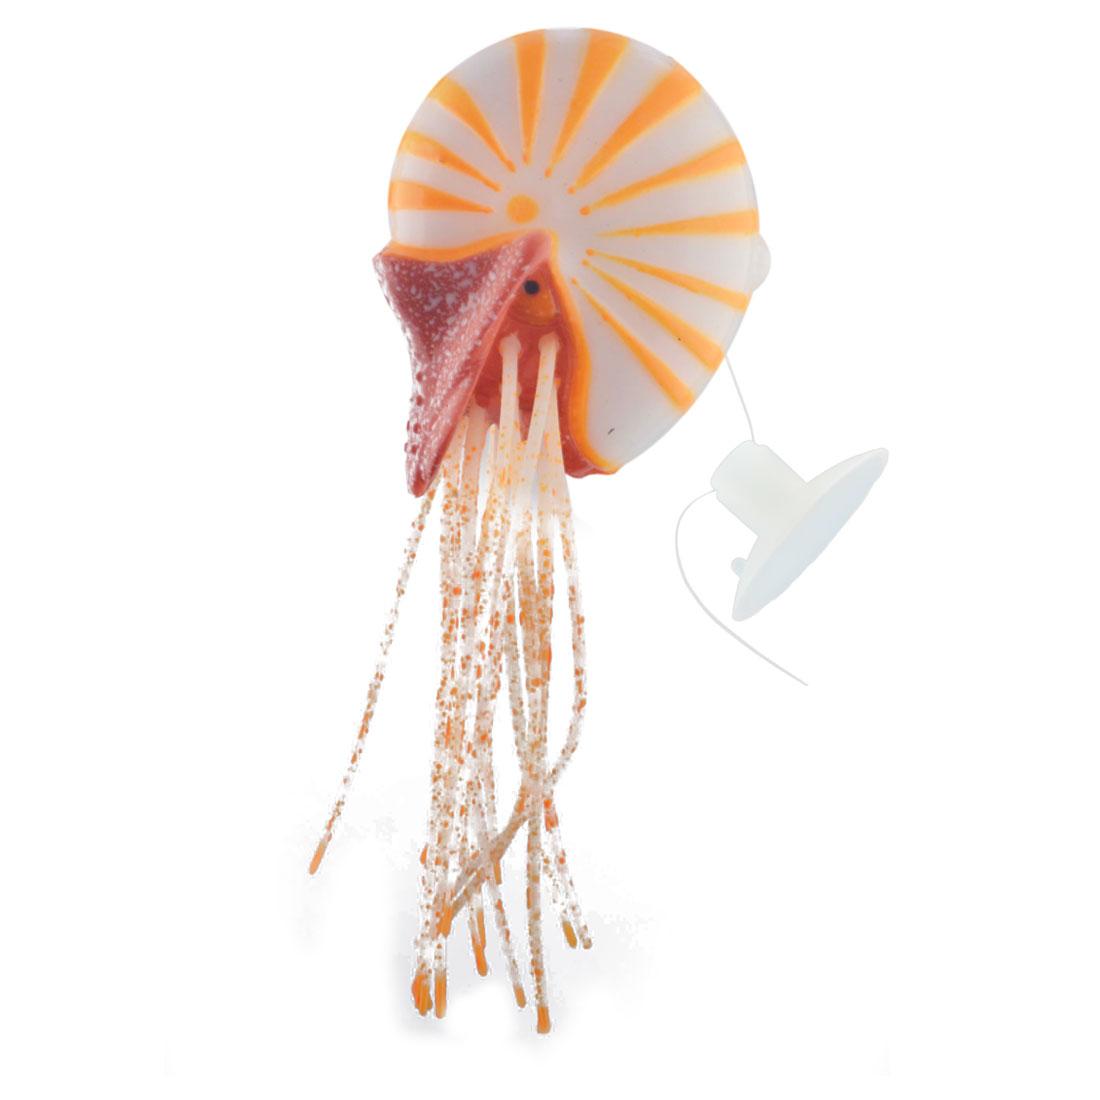 Aquarium Plastic Manmade Artificial Floating Conch Design Decoration Ornament Orange